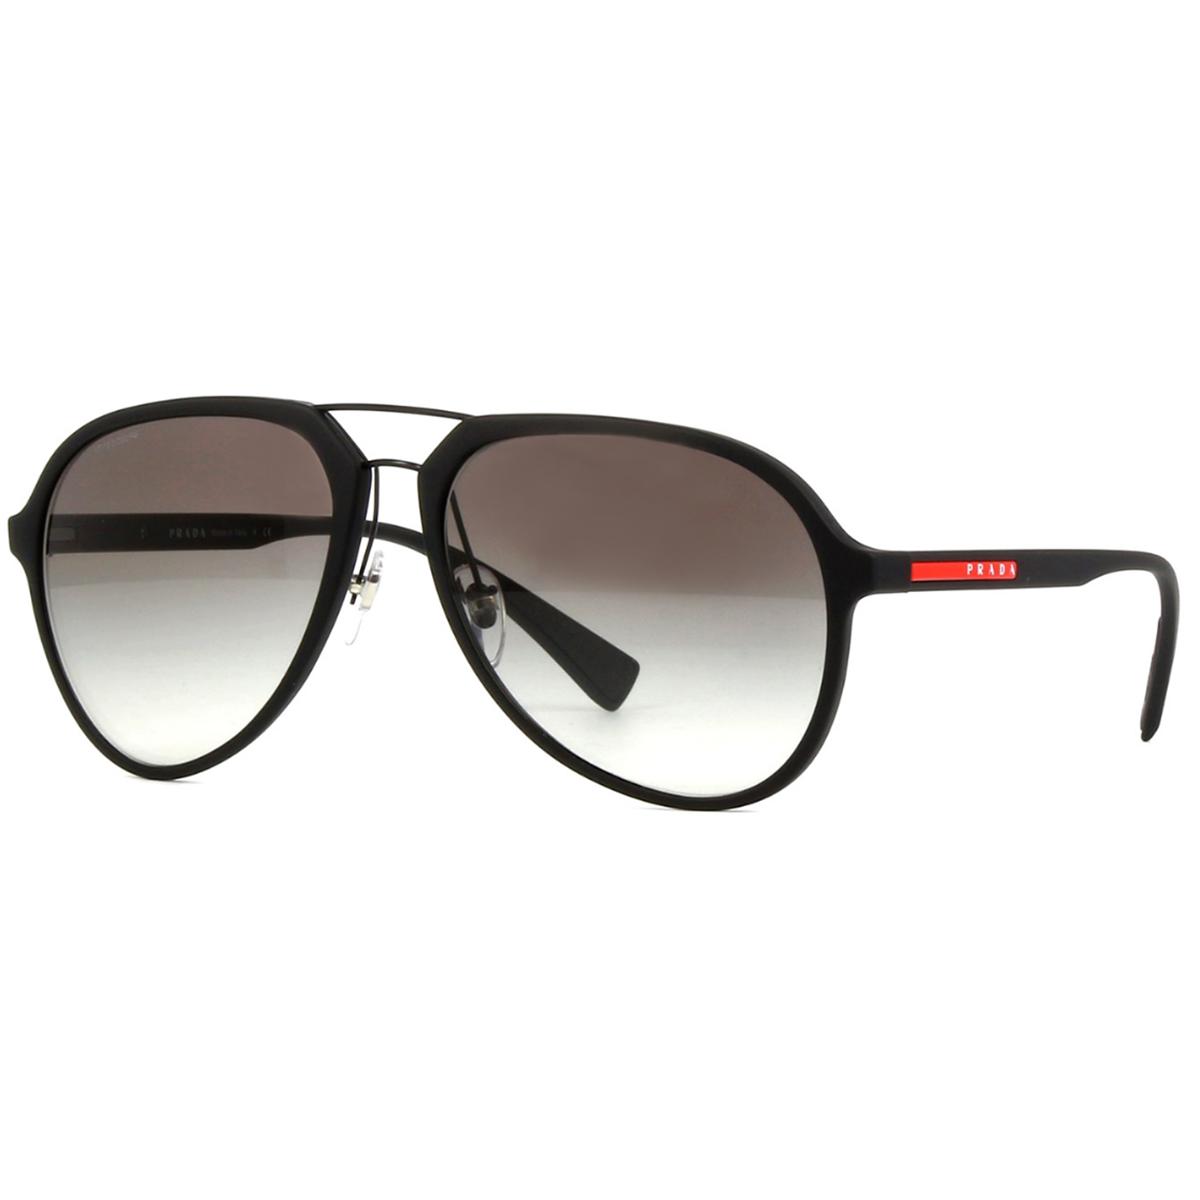 845247fc46e8b Compre Óculos de Sol Prada em 10X